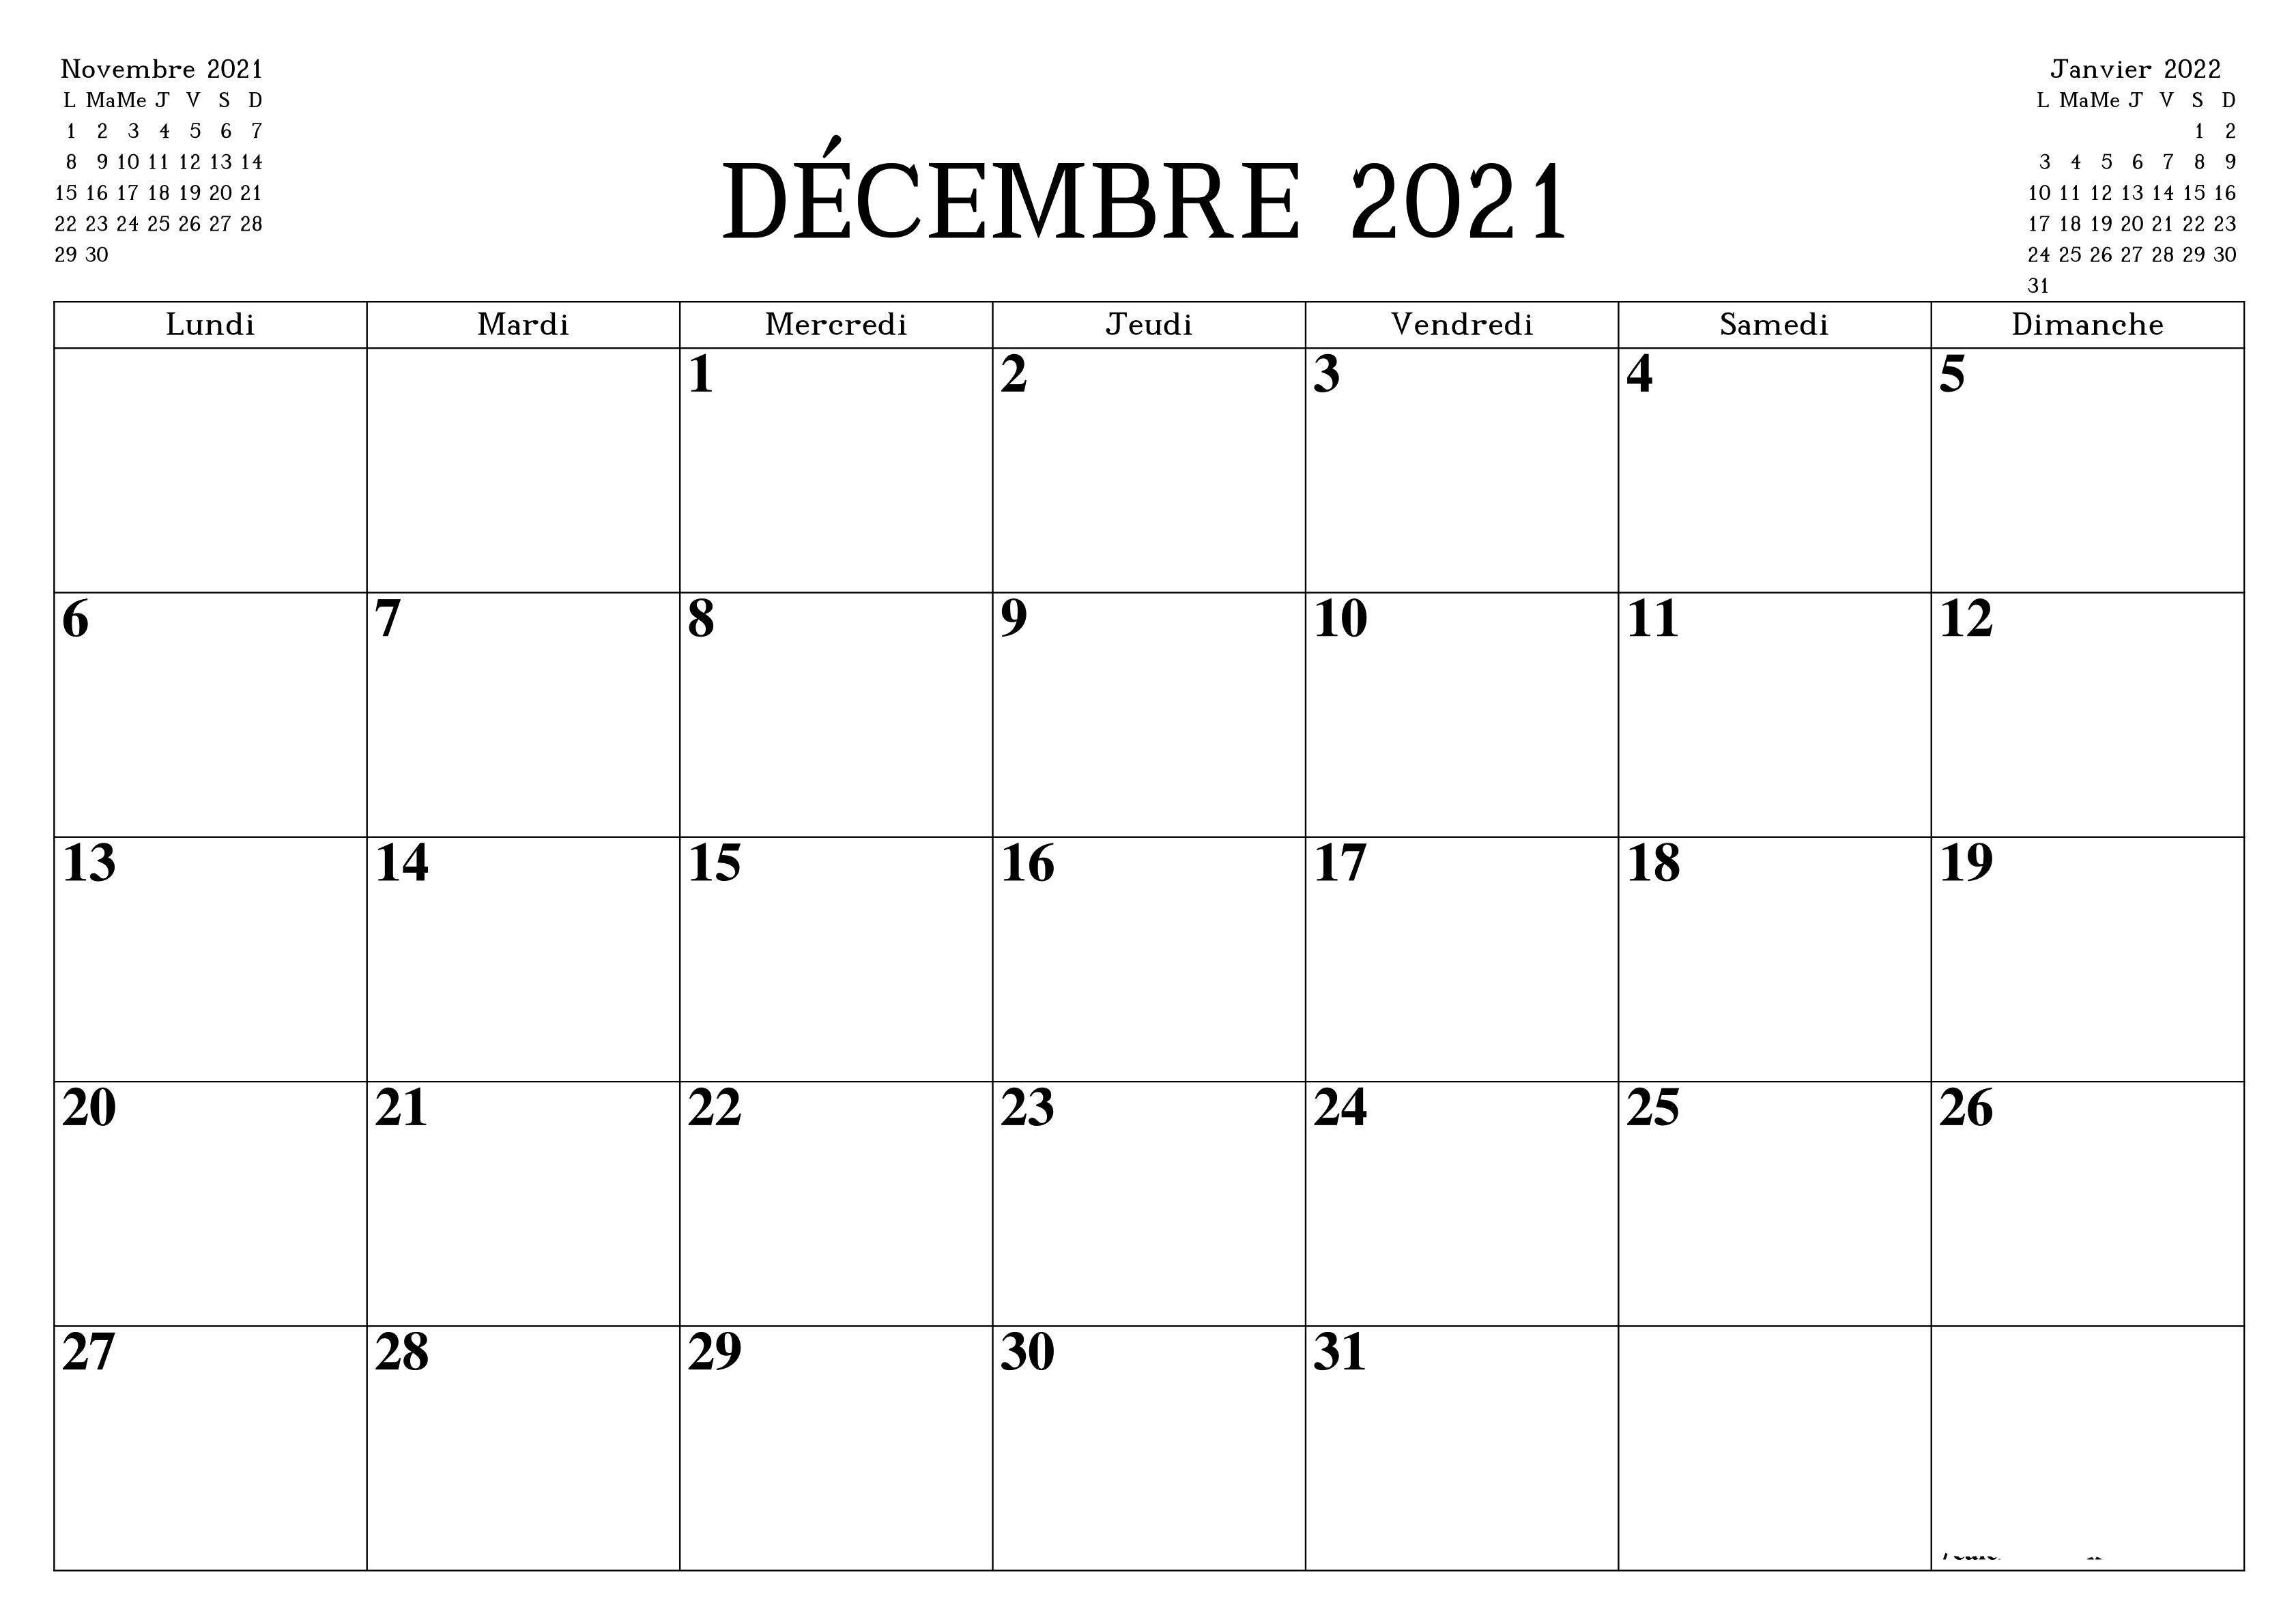 Calendrier Décembre 2021 Jours Fériés à Imprimer | Calendrier 2020